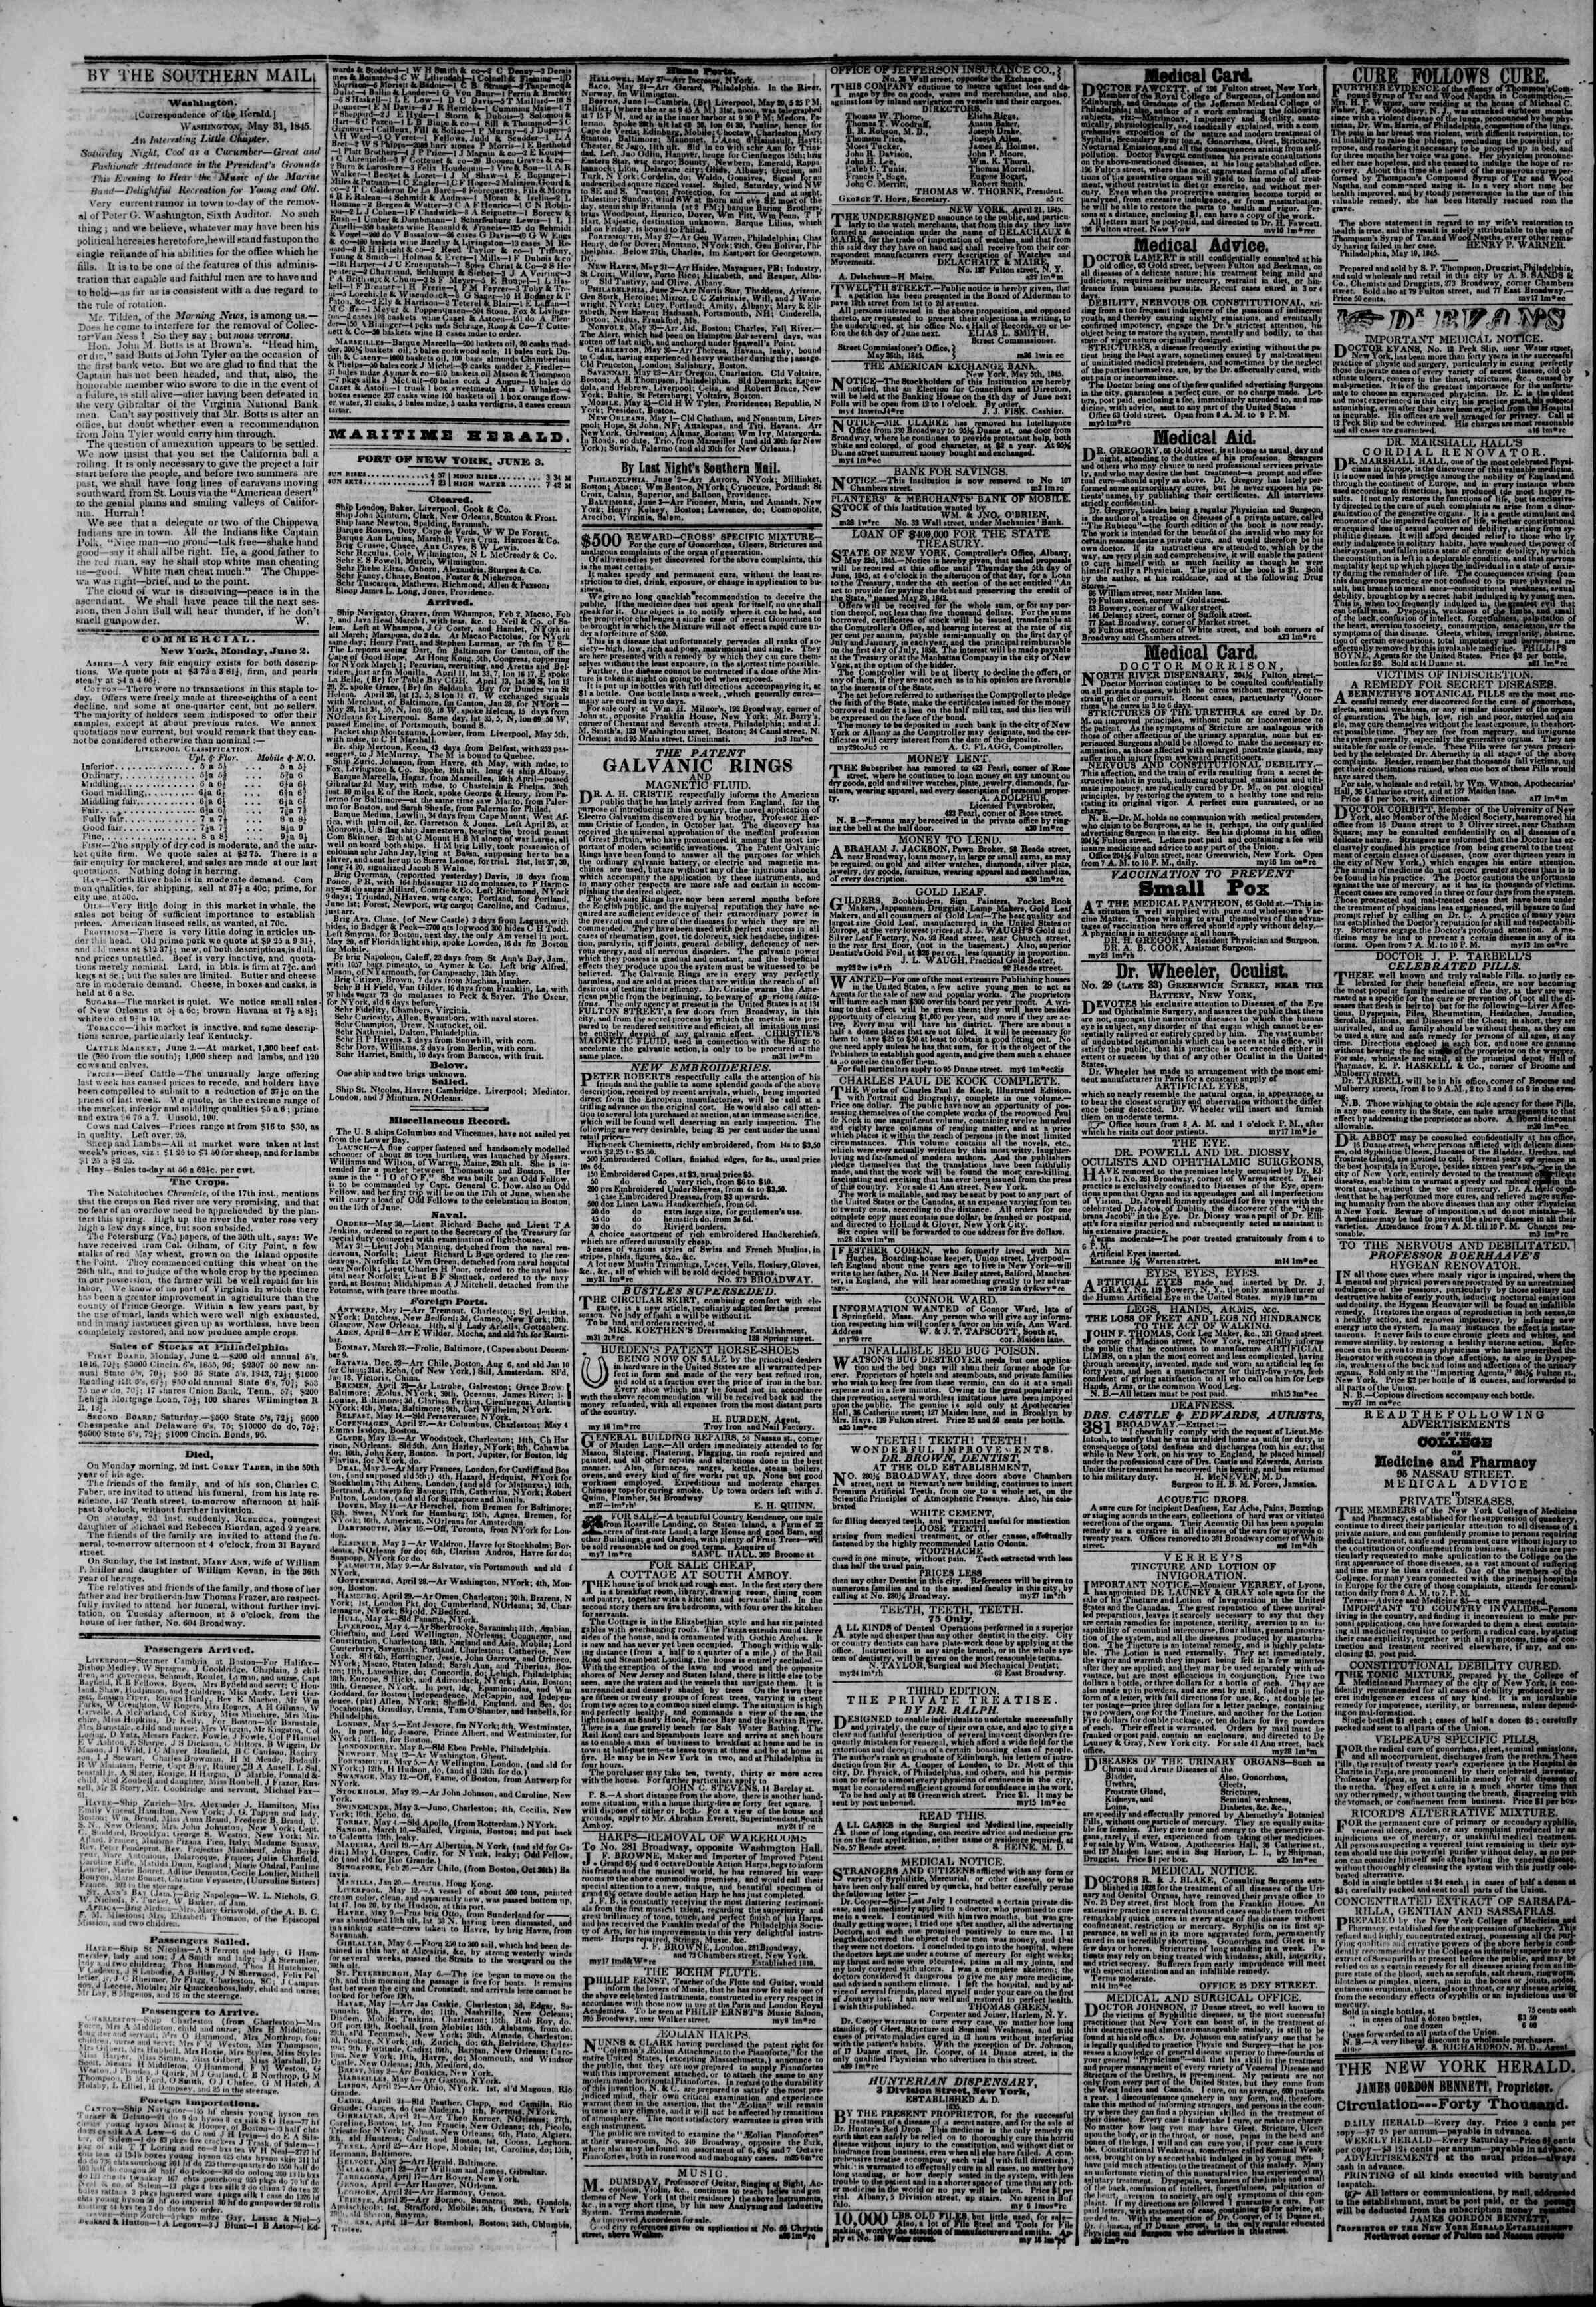 June 3, 1845 Tarihli The New York Herald Gazetesi Sayfa 4